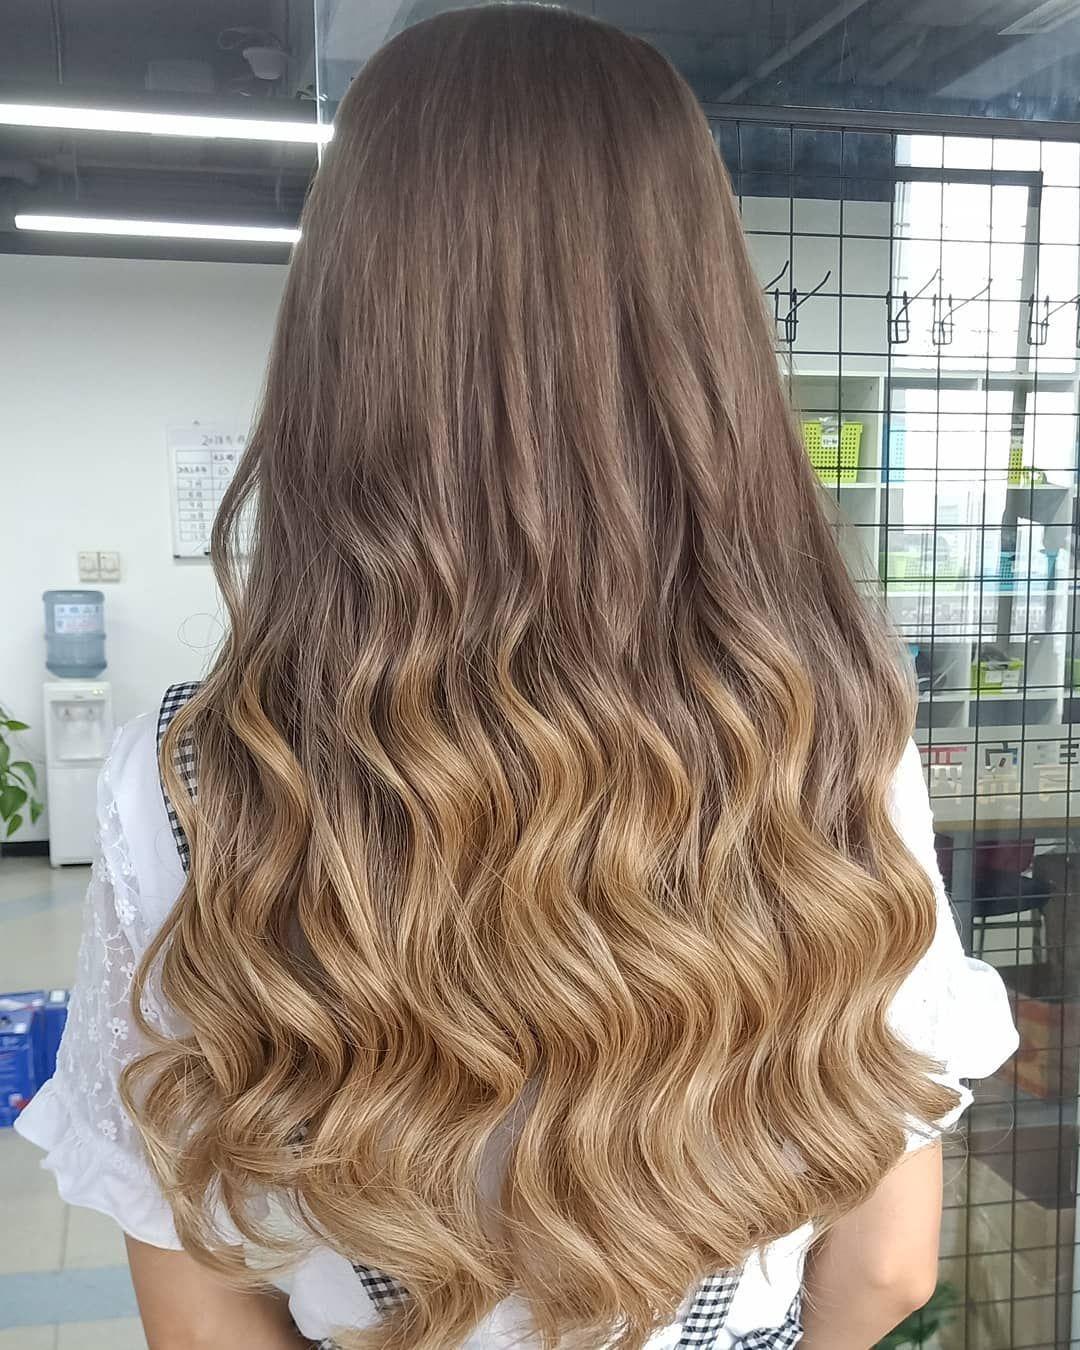 Jewish hairjewish women wigssheitelssheitalremy european